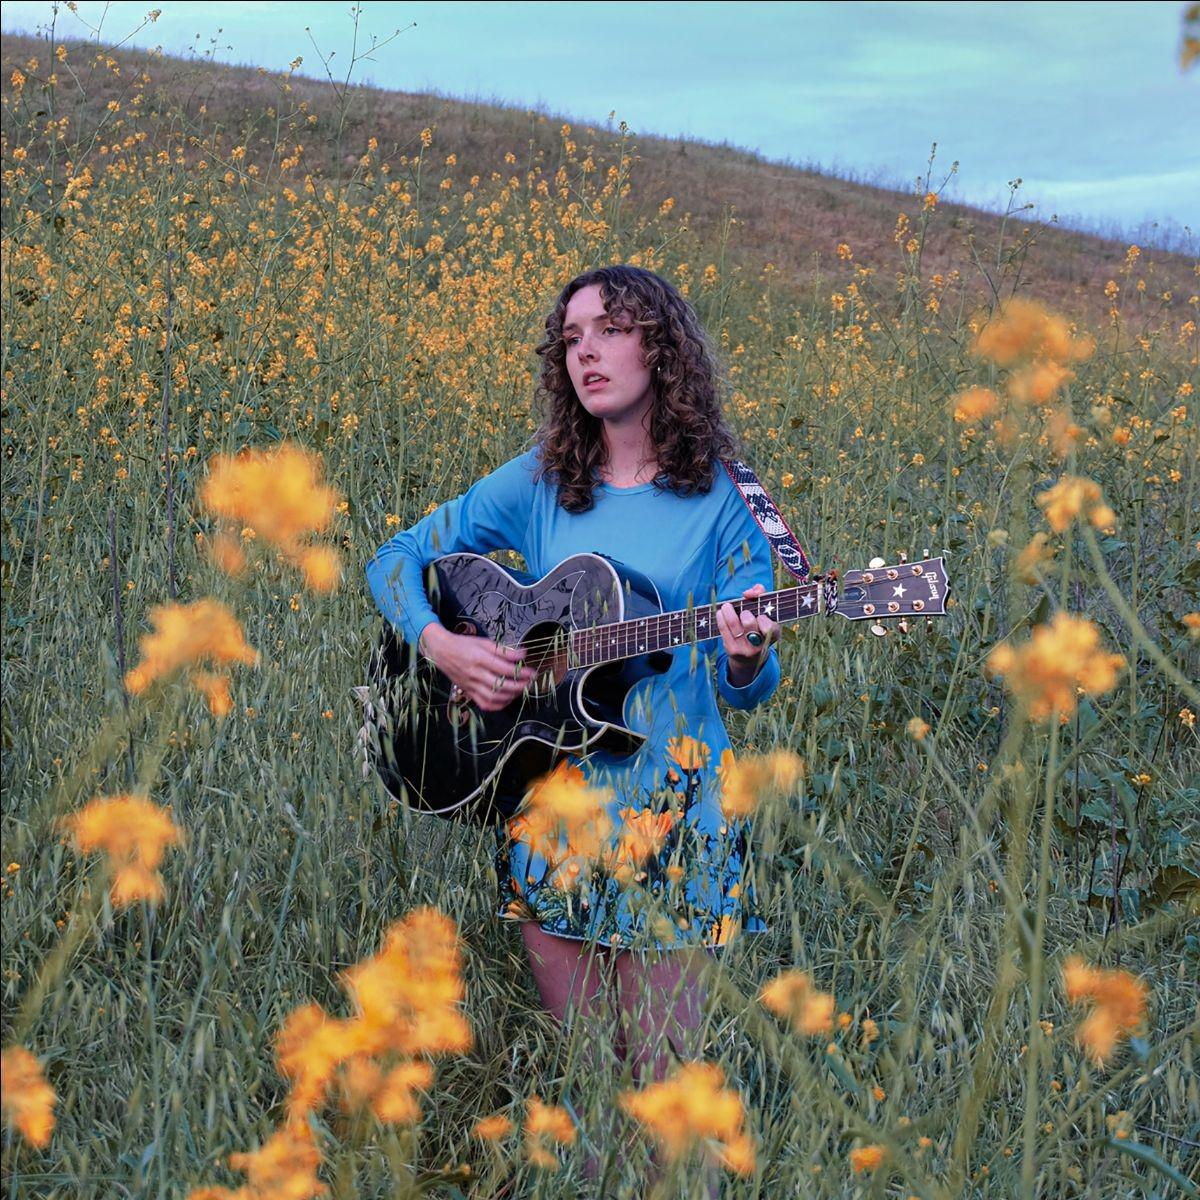 Julia Logan develops a crystalline folk grace on debut single To Be True bit.ly/2Zssdpz